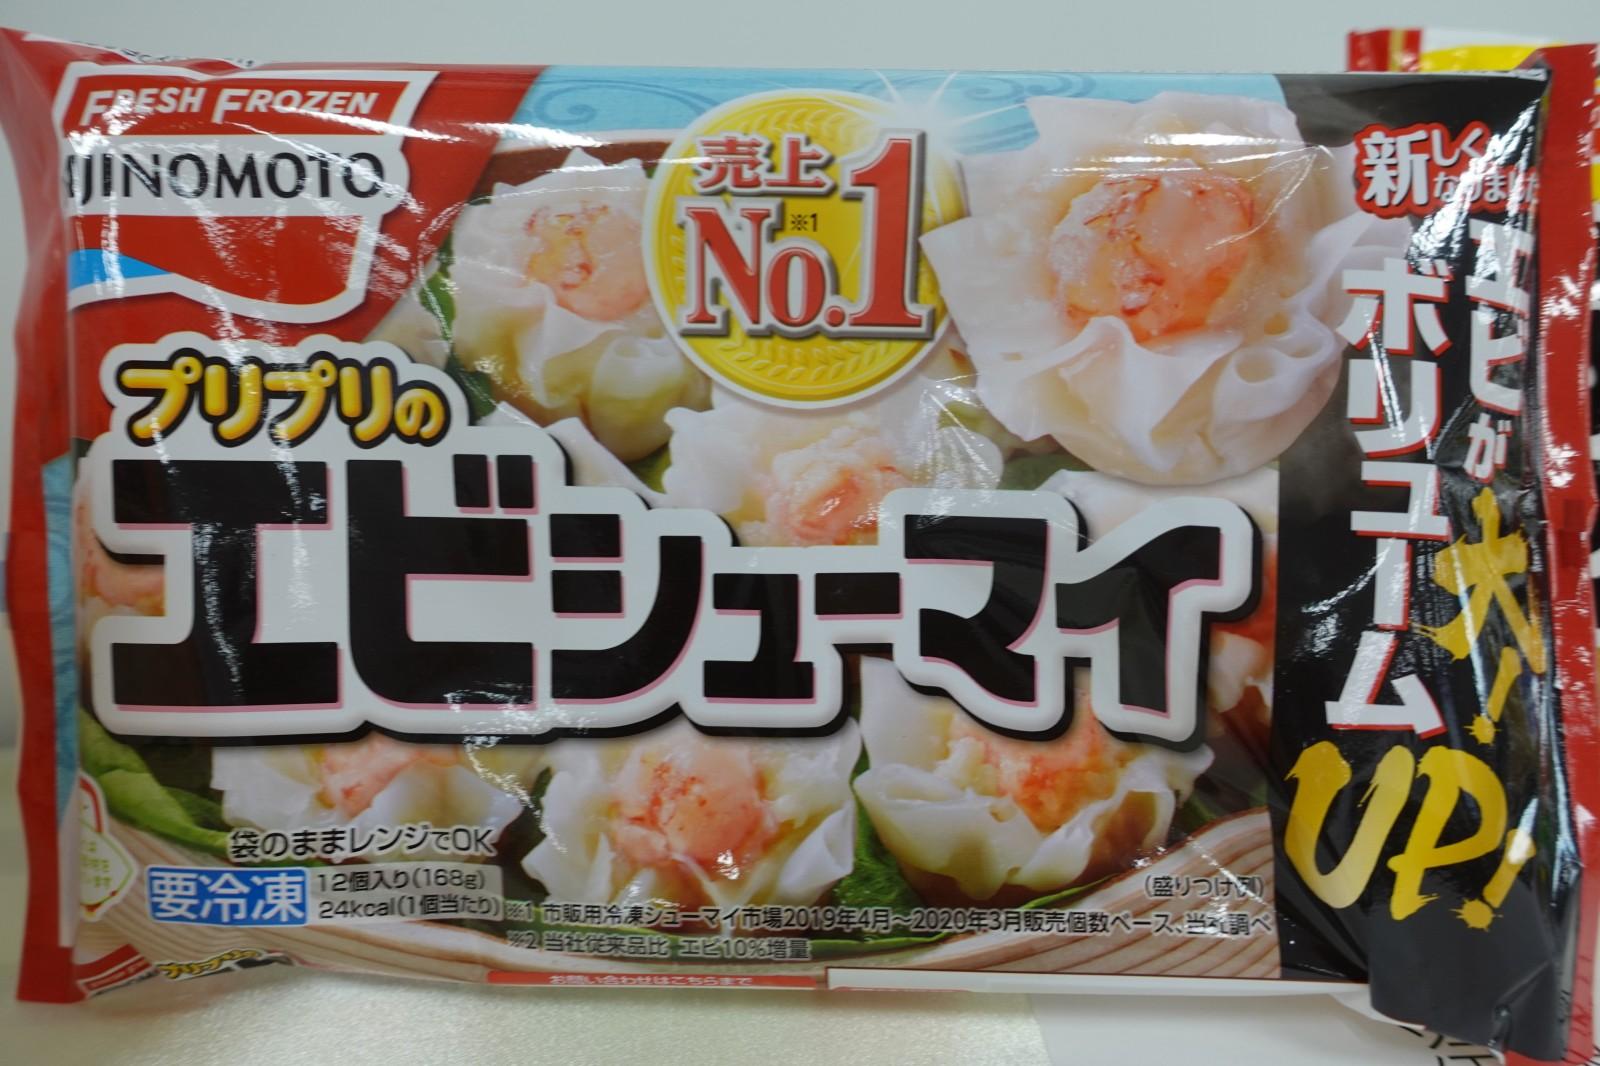 6部門のうち4つ1位!! 味の素冷凍食品(第8回フローズン・アワード)